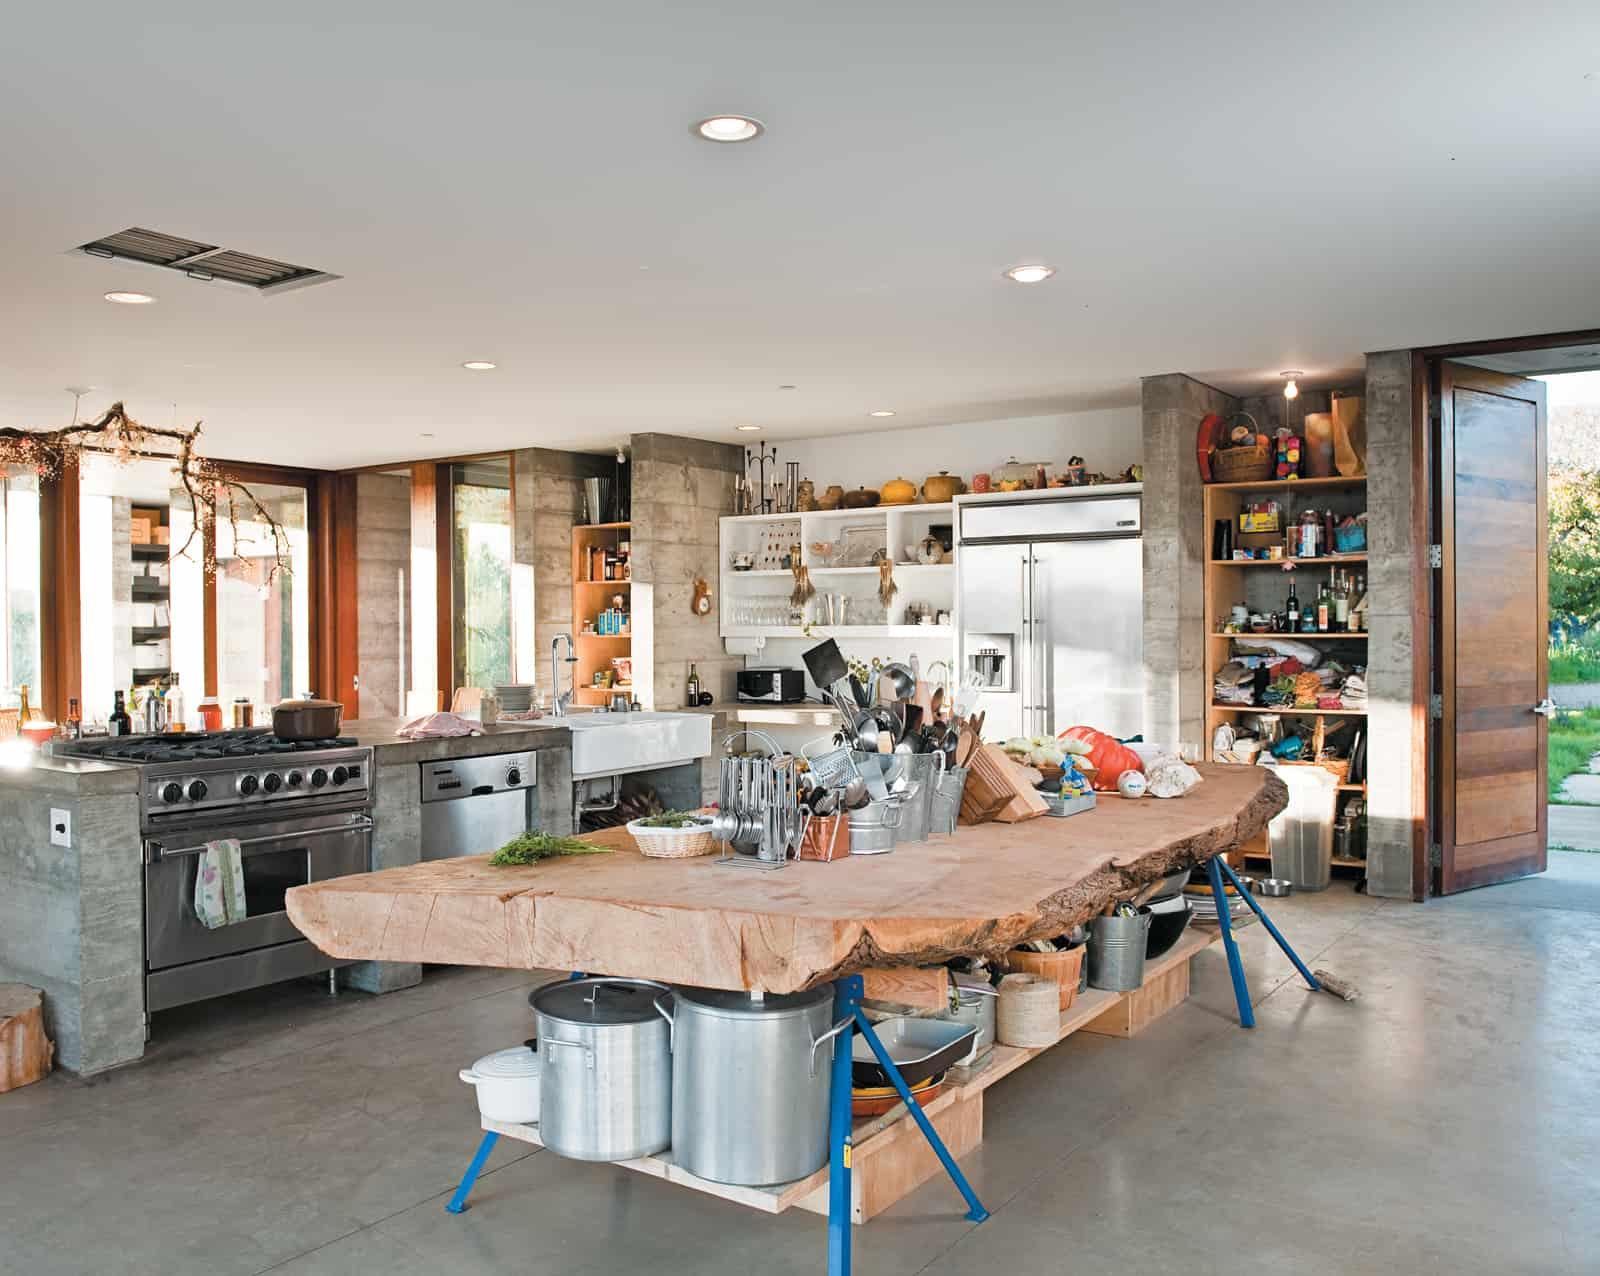 Image Result For Image Result For Prefab Homes Prefab Homes Pinterest